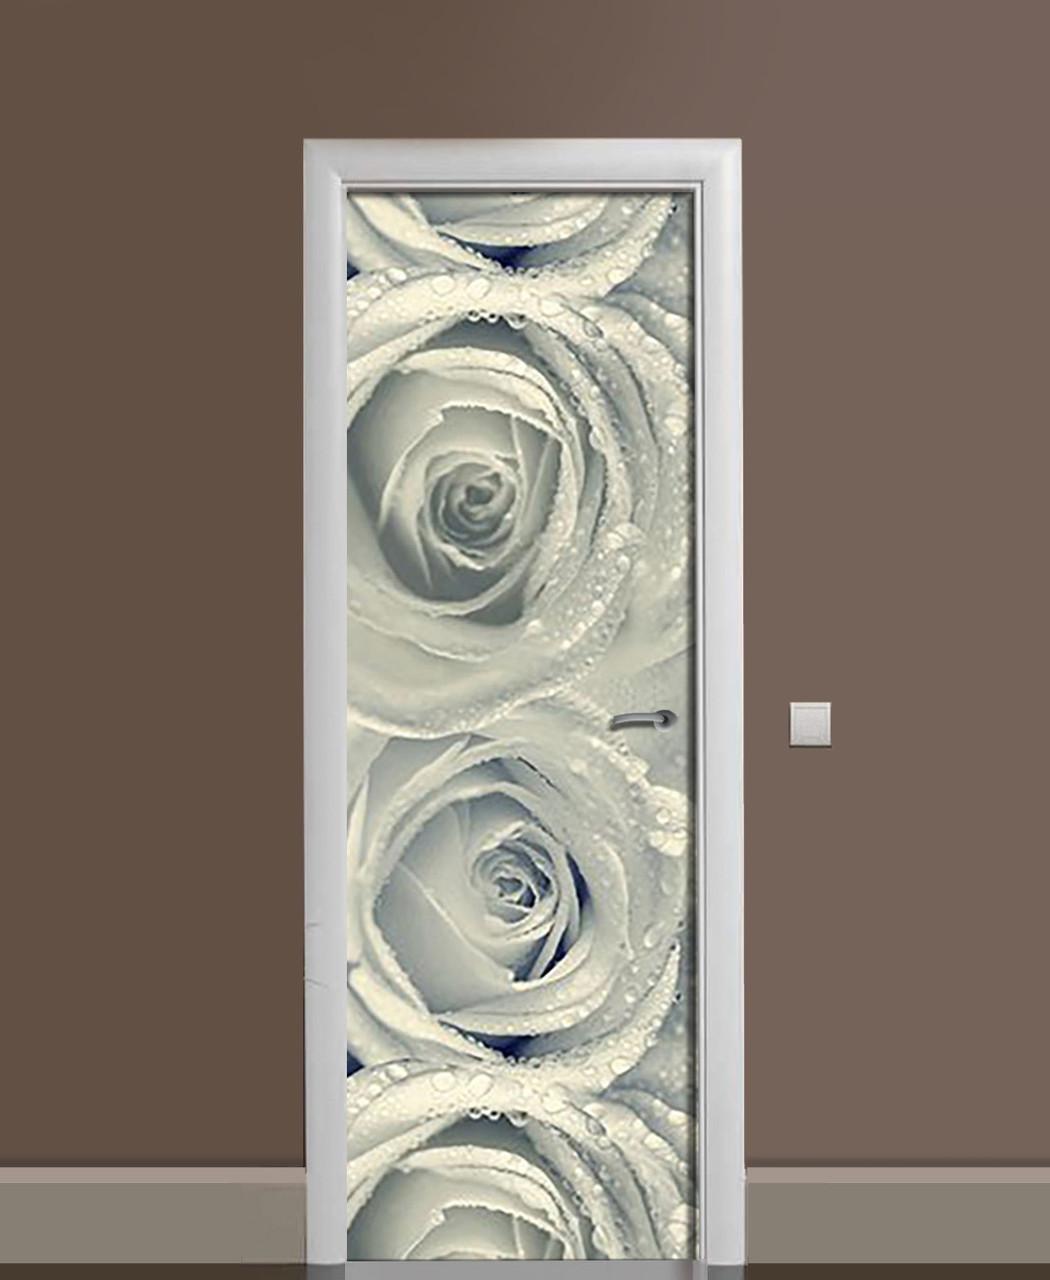 Декор двери Наклейка виниловая Роса в бутонах Розы черно-белые ПВХ пленка с ламинацией 65*200см Цветы Серый